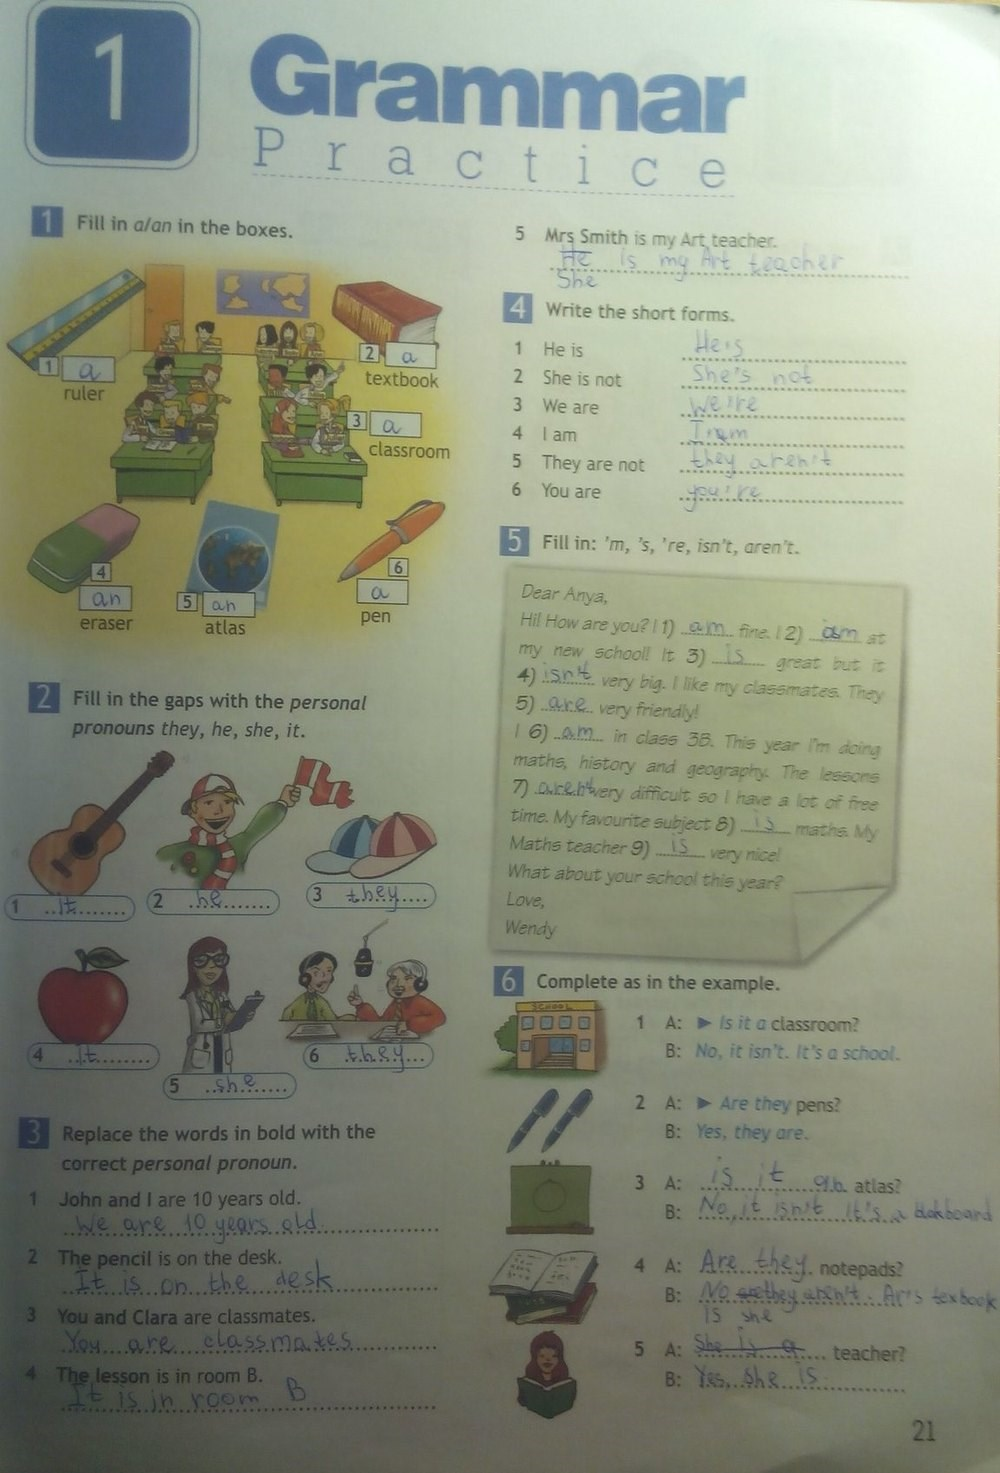 Виргина эванс 5 гдз класс тетрадь по рабочая английскому языку